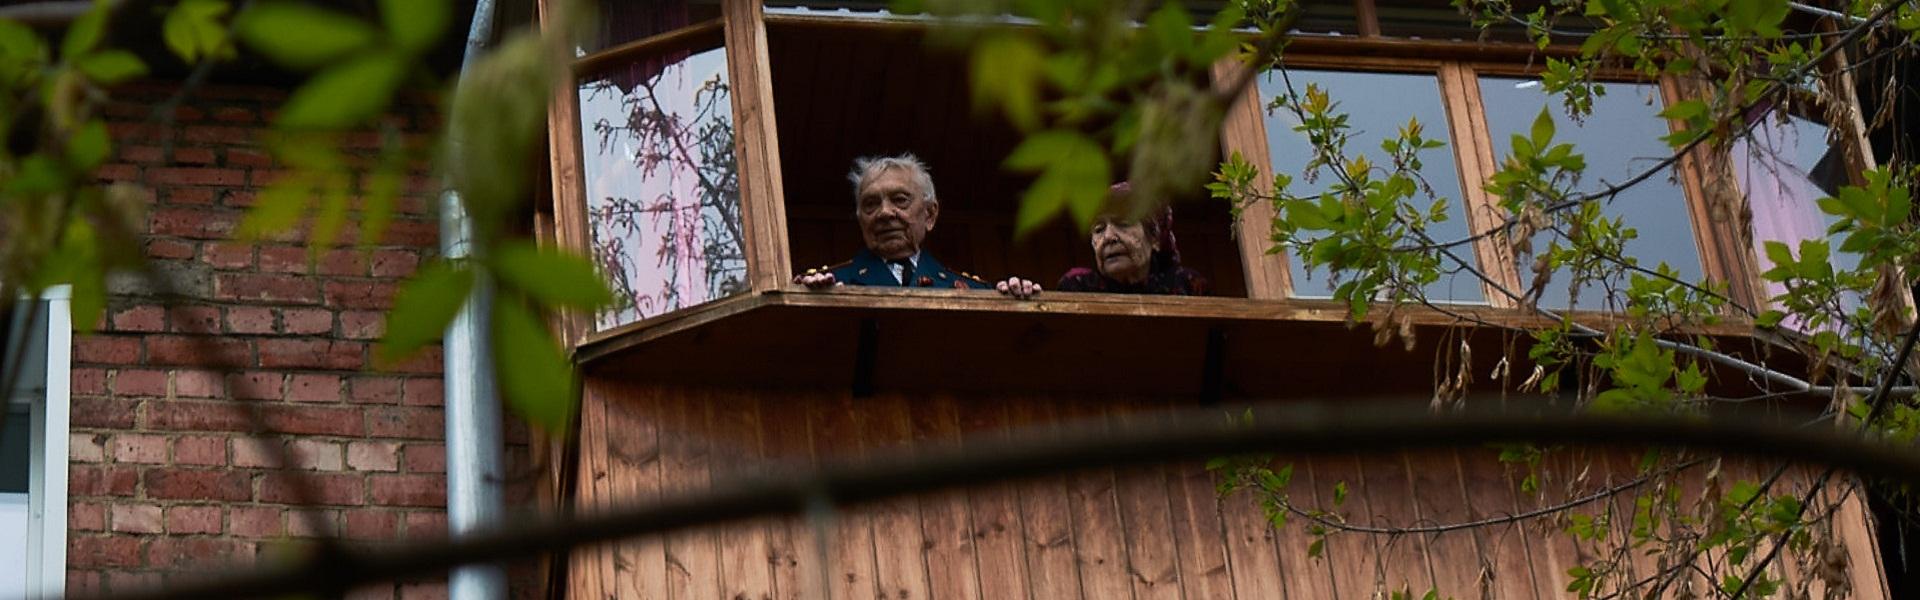 Участник битвы на Курской дуге: «Когда бой начинался, страх неизвестности уходил»